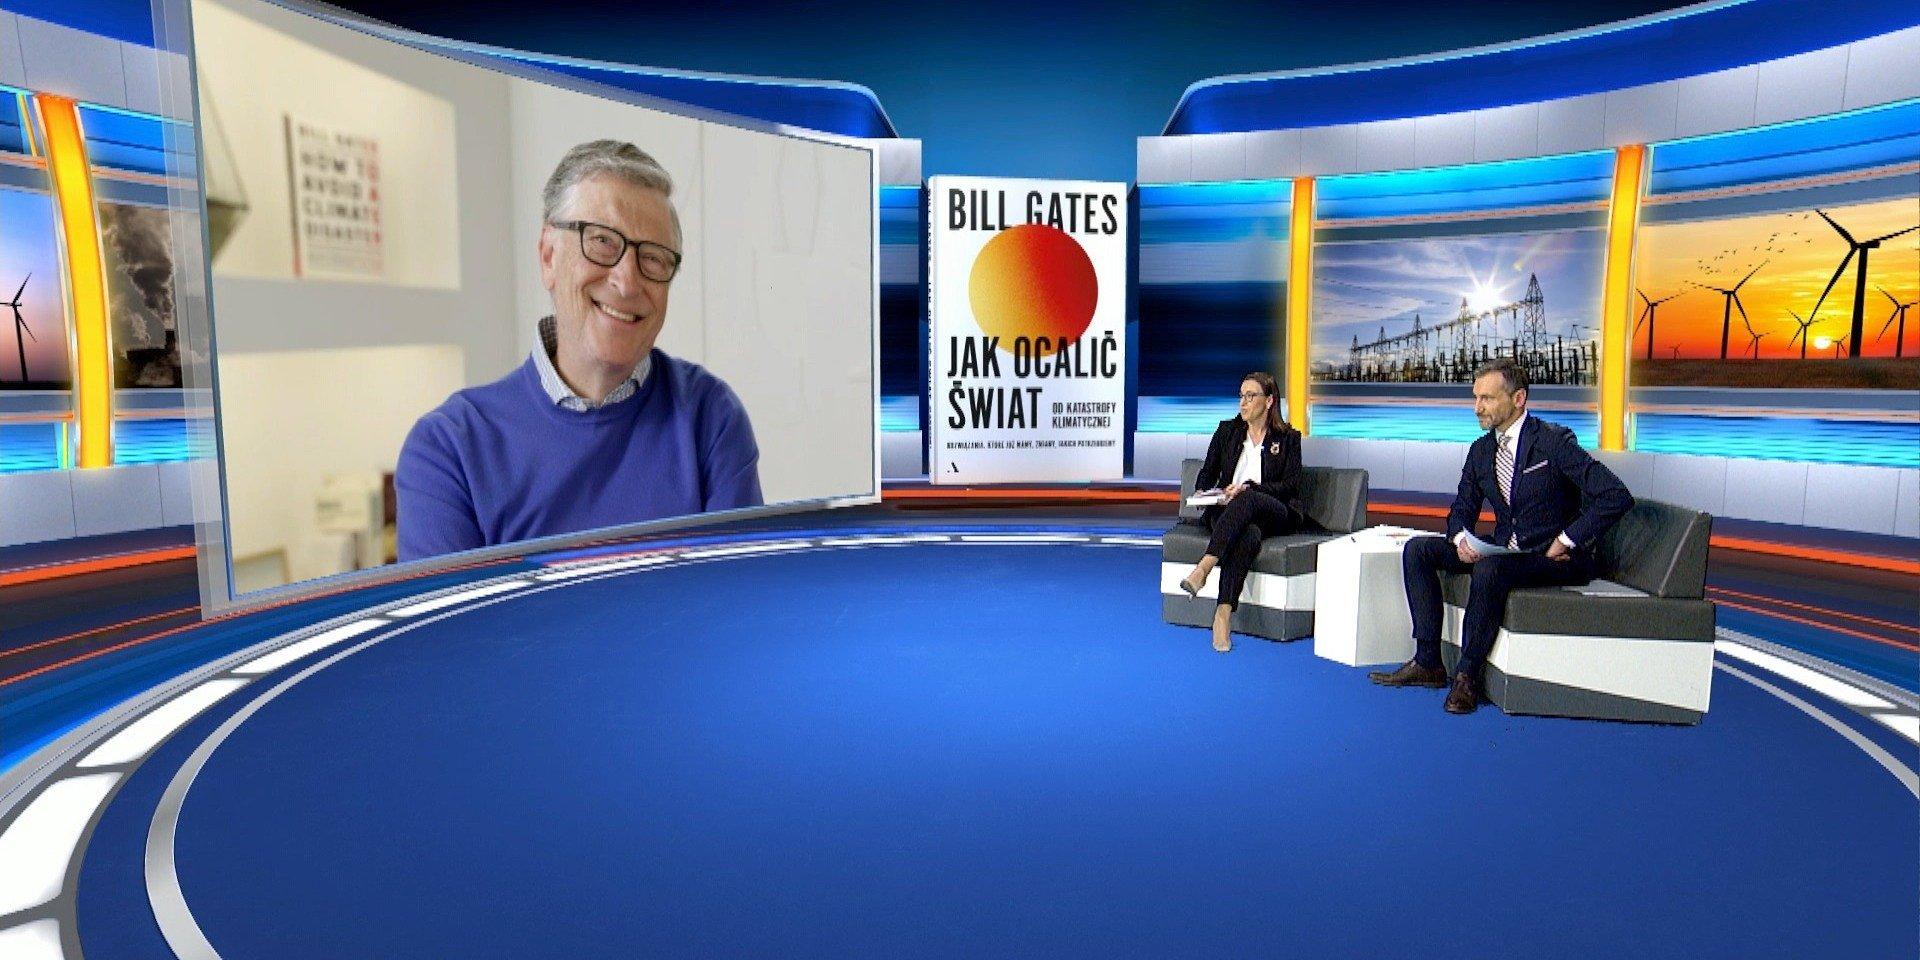 """Ekskluzywny wywiad TVN24 i """"Gazety Wyborczej"""" z Billem Gatesem od 25 marca w TVN24 GO!"""